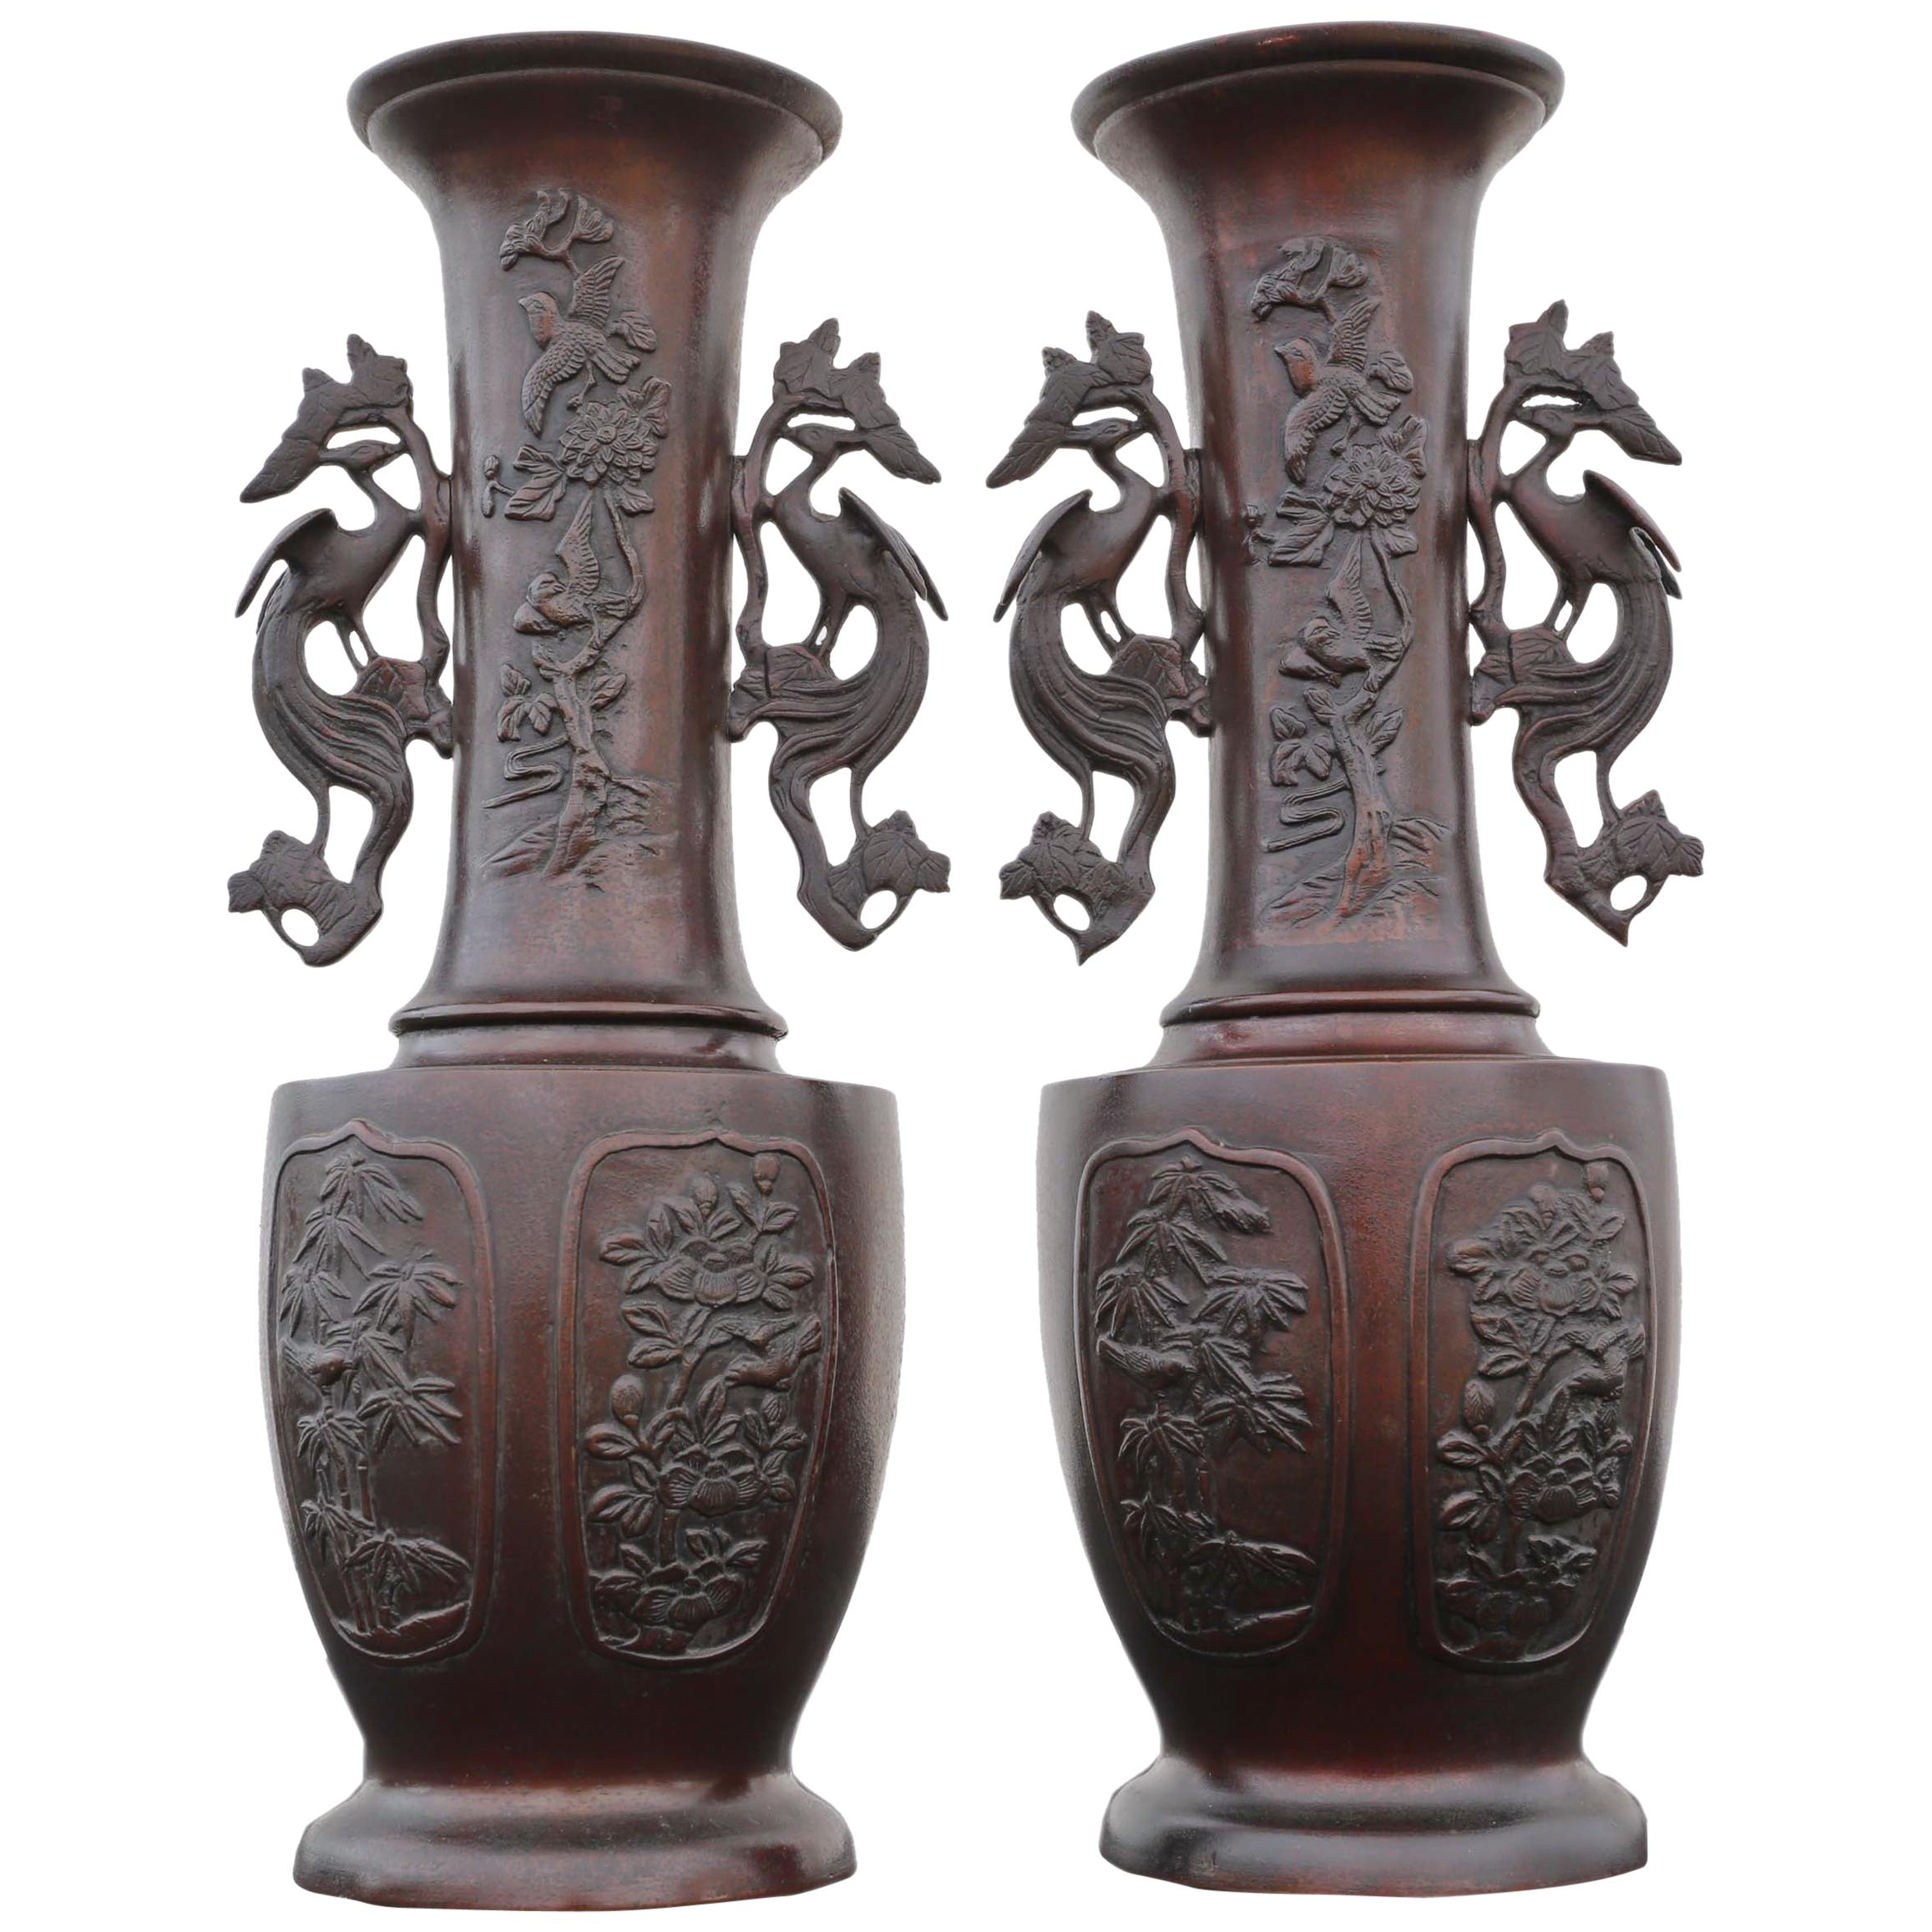 Antique Large Pair of Japanese Bronze Vases Meiji Period, 19th Century